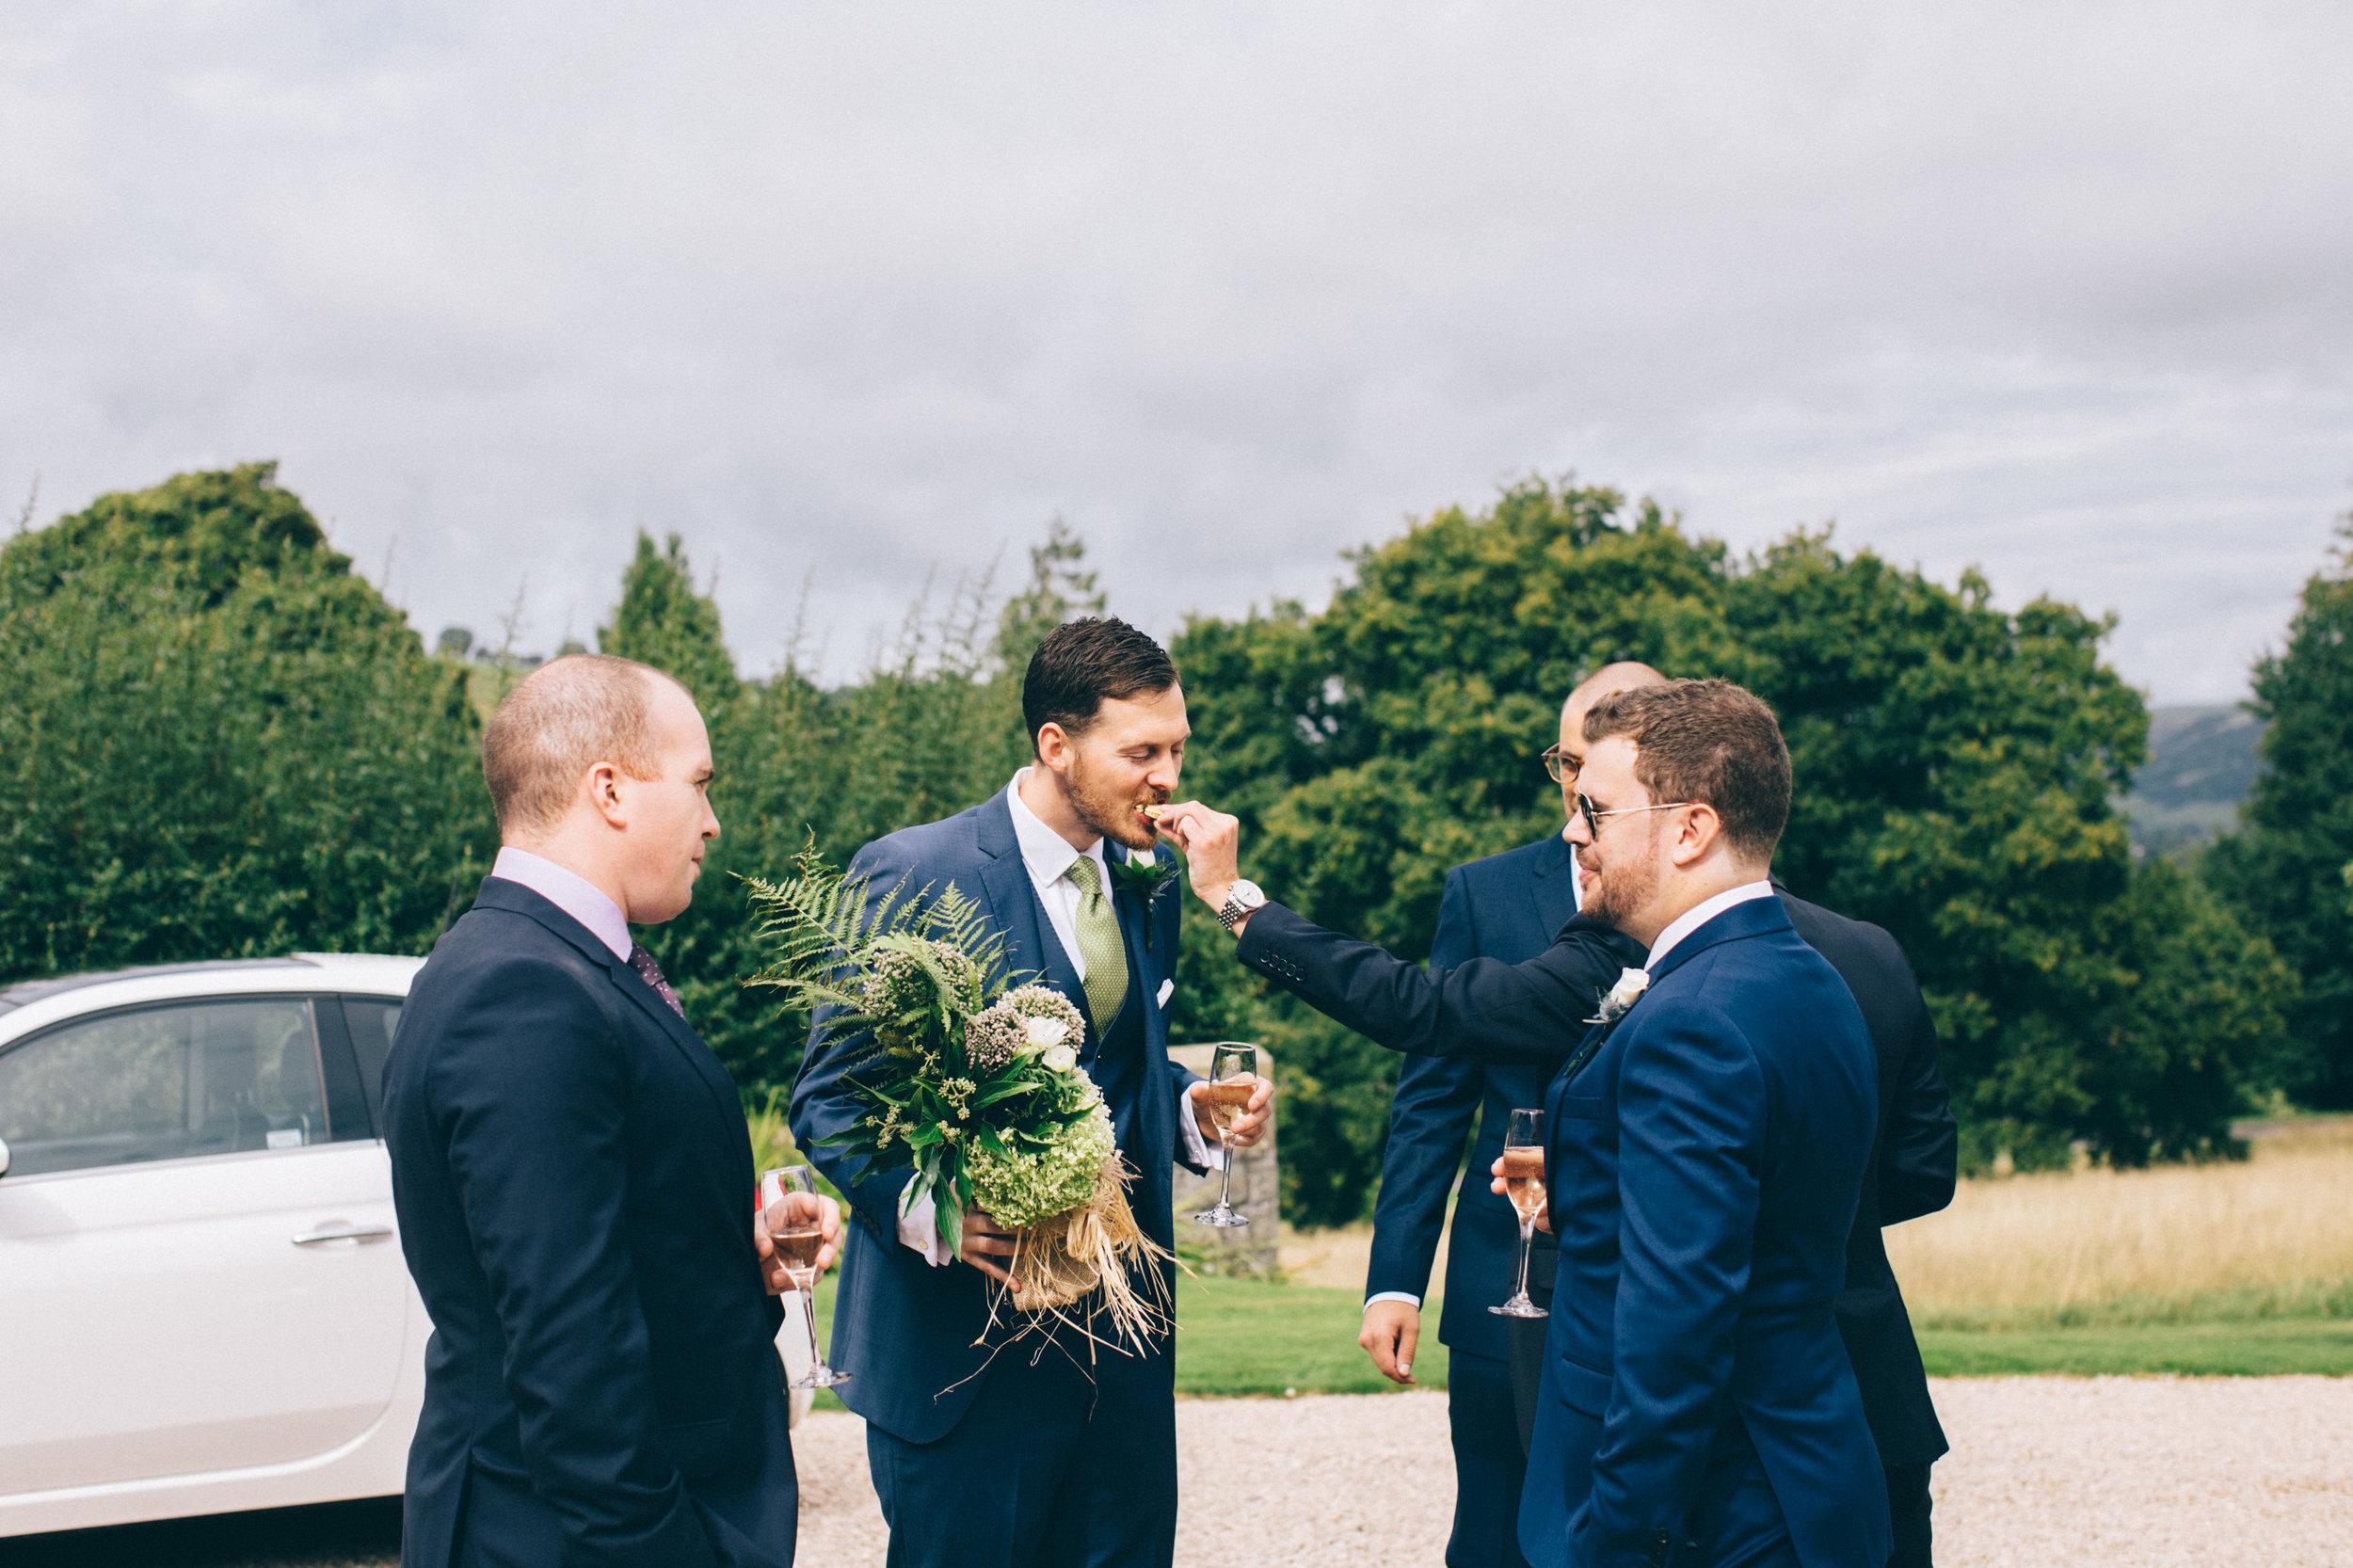 uk wedding photographer artistic wedding photography-21.jpg